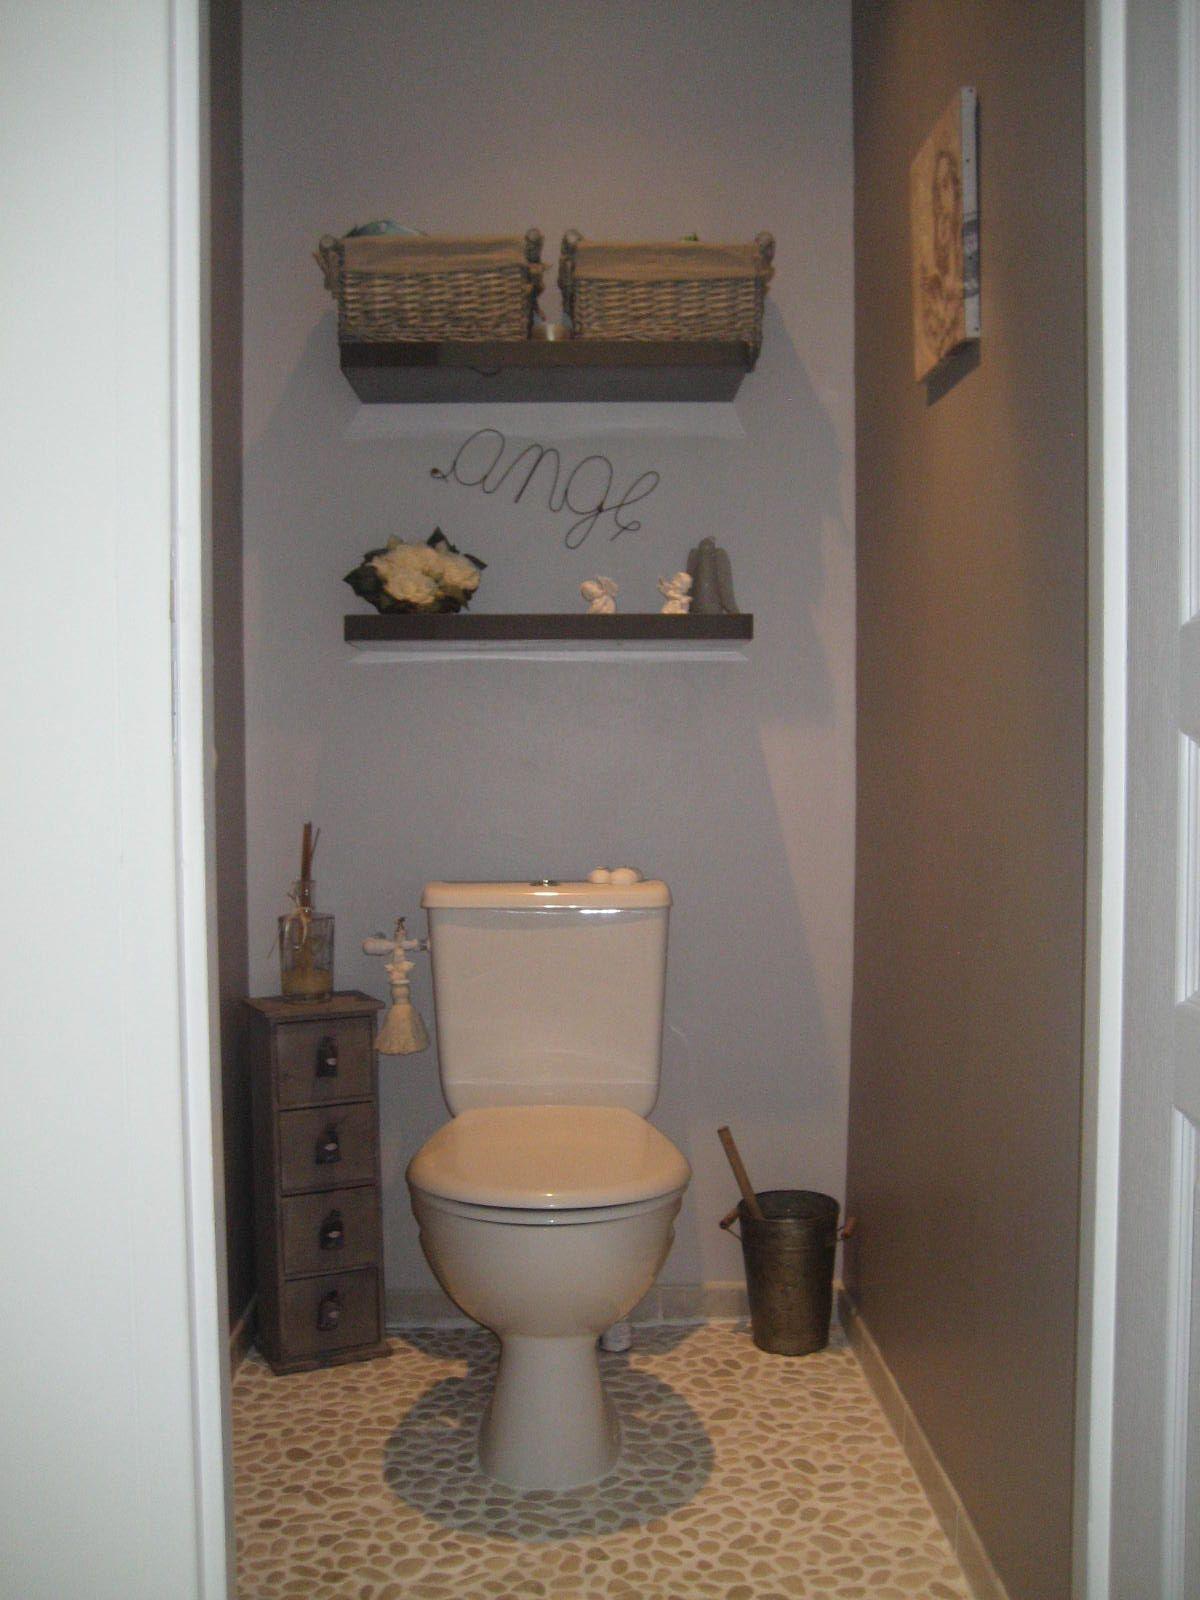 deco toilettes  Recherche Google  WC  Pinterest  Dco toilettes Deco et Deco wc